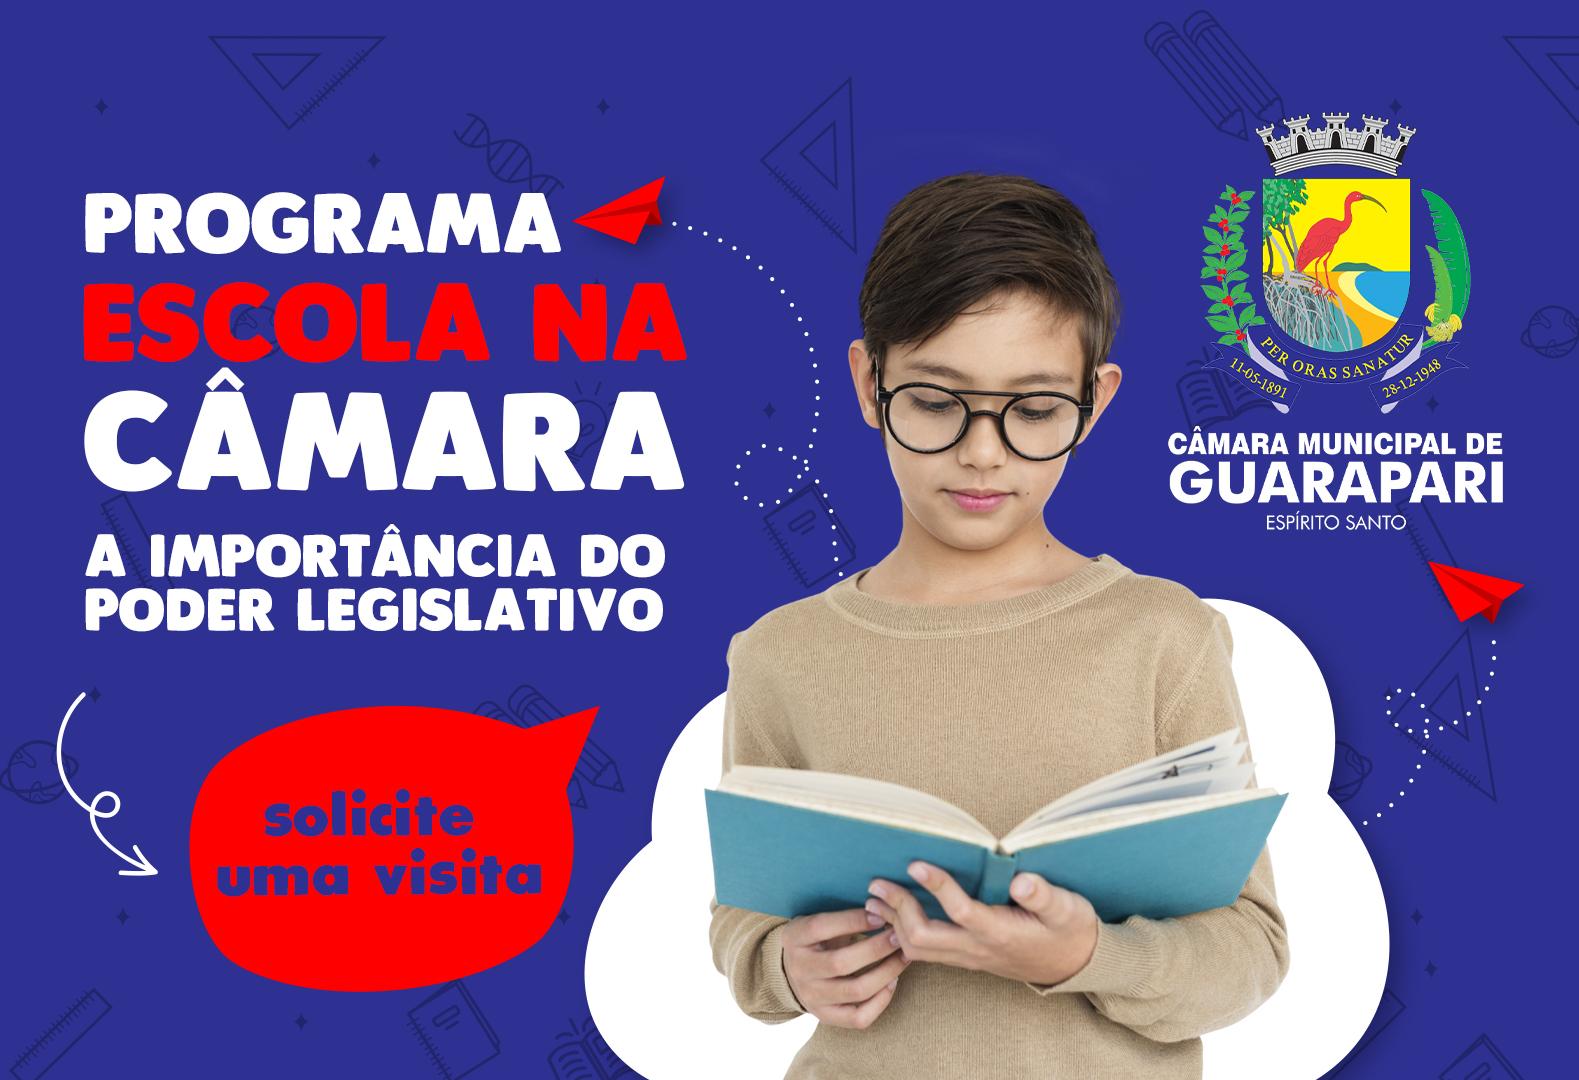 Programa Escola na Câmara.